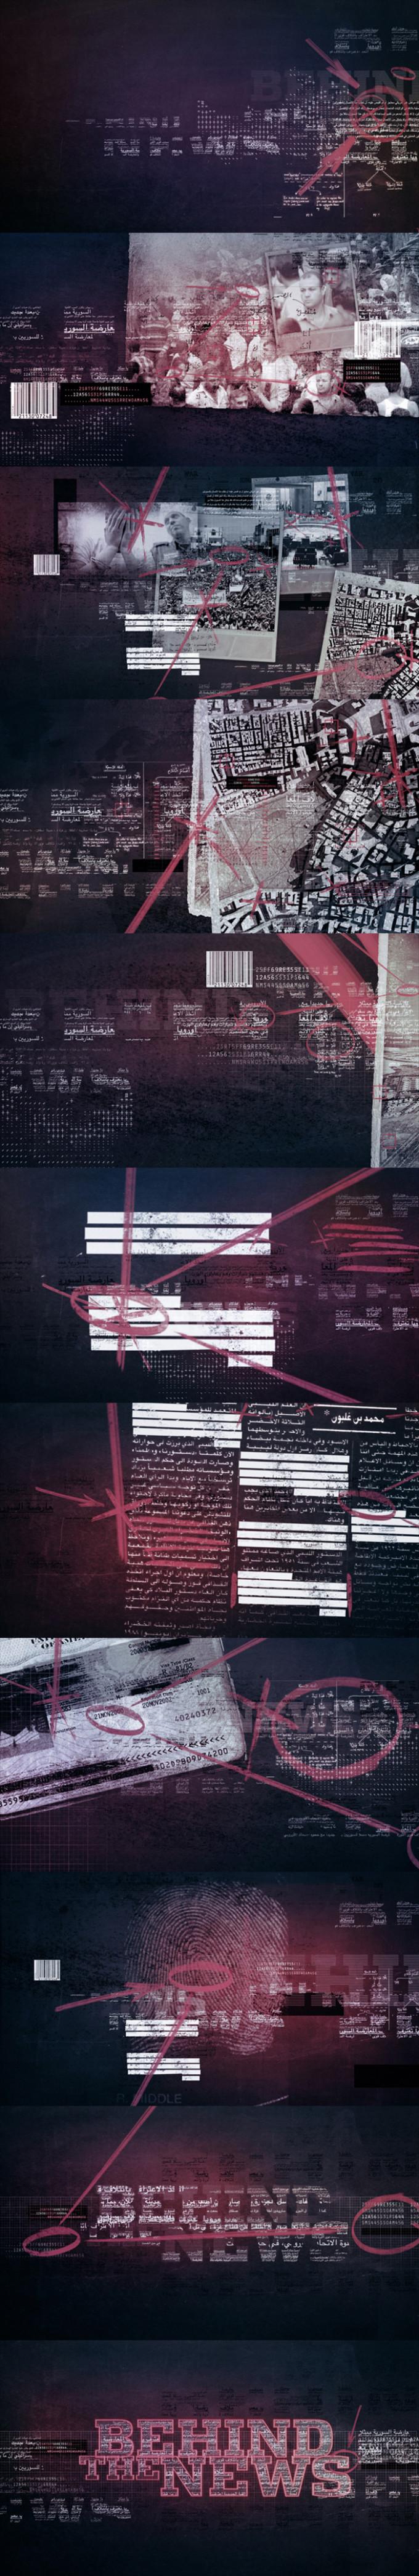 AlJazeera-Showcase-680x4184